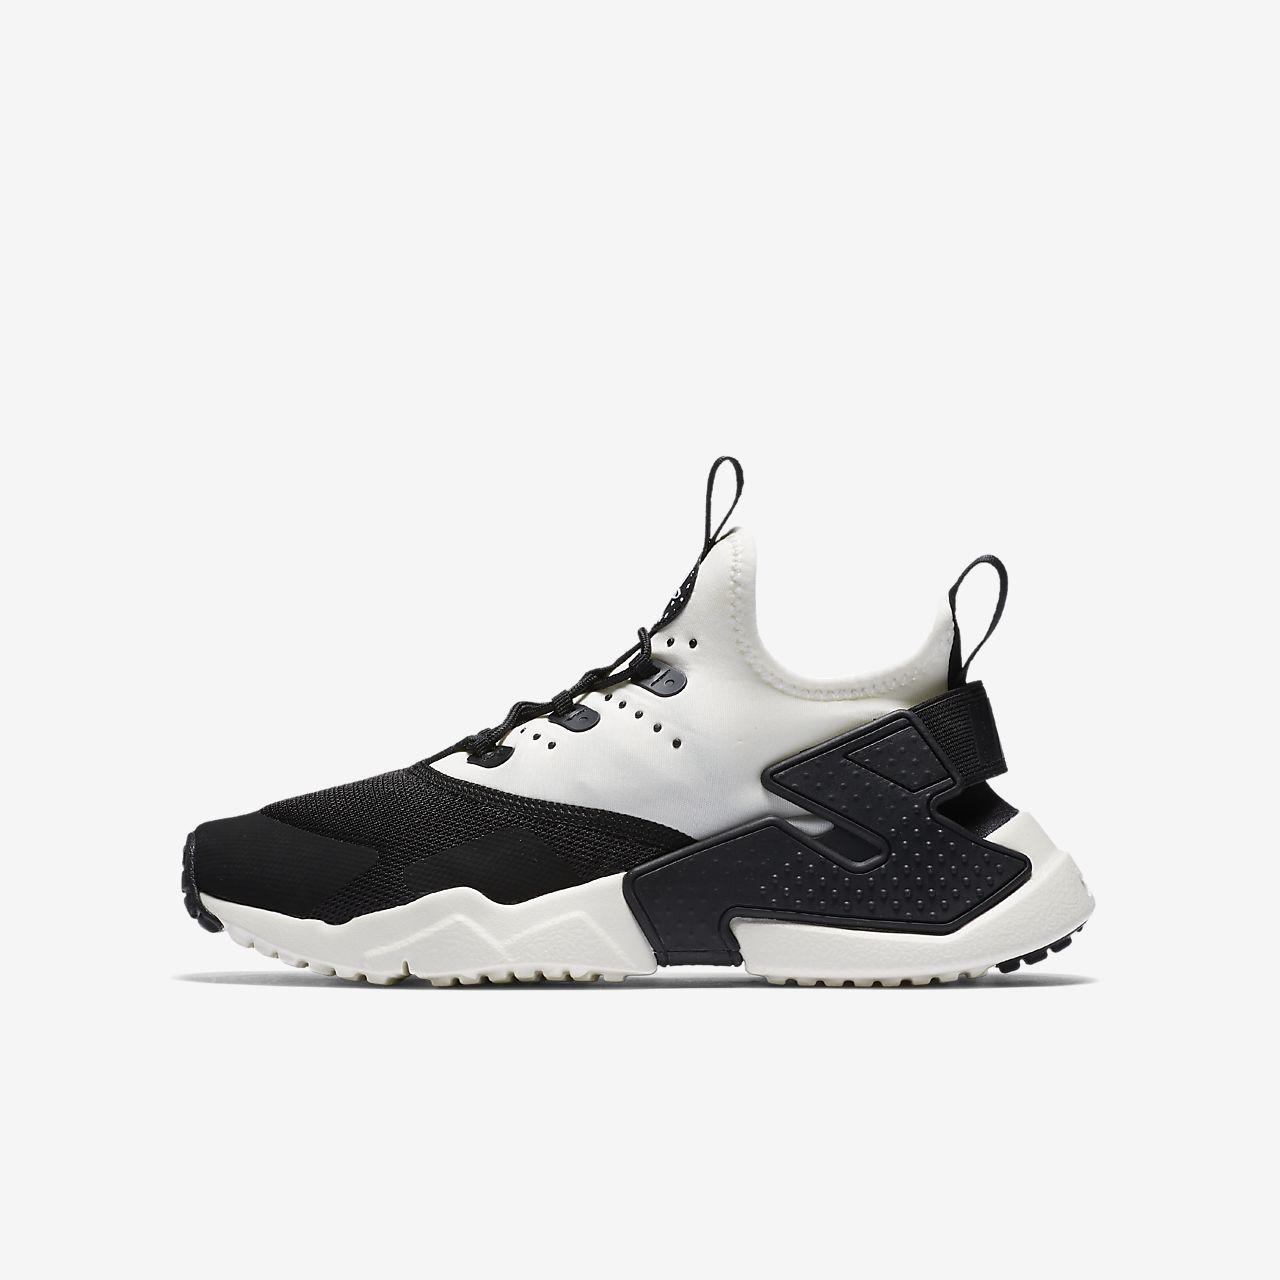 Schuhe Nike Air Huarache Run Drift GS 034 Sail 034 Beige